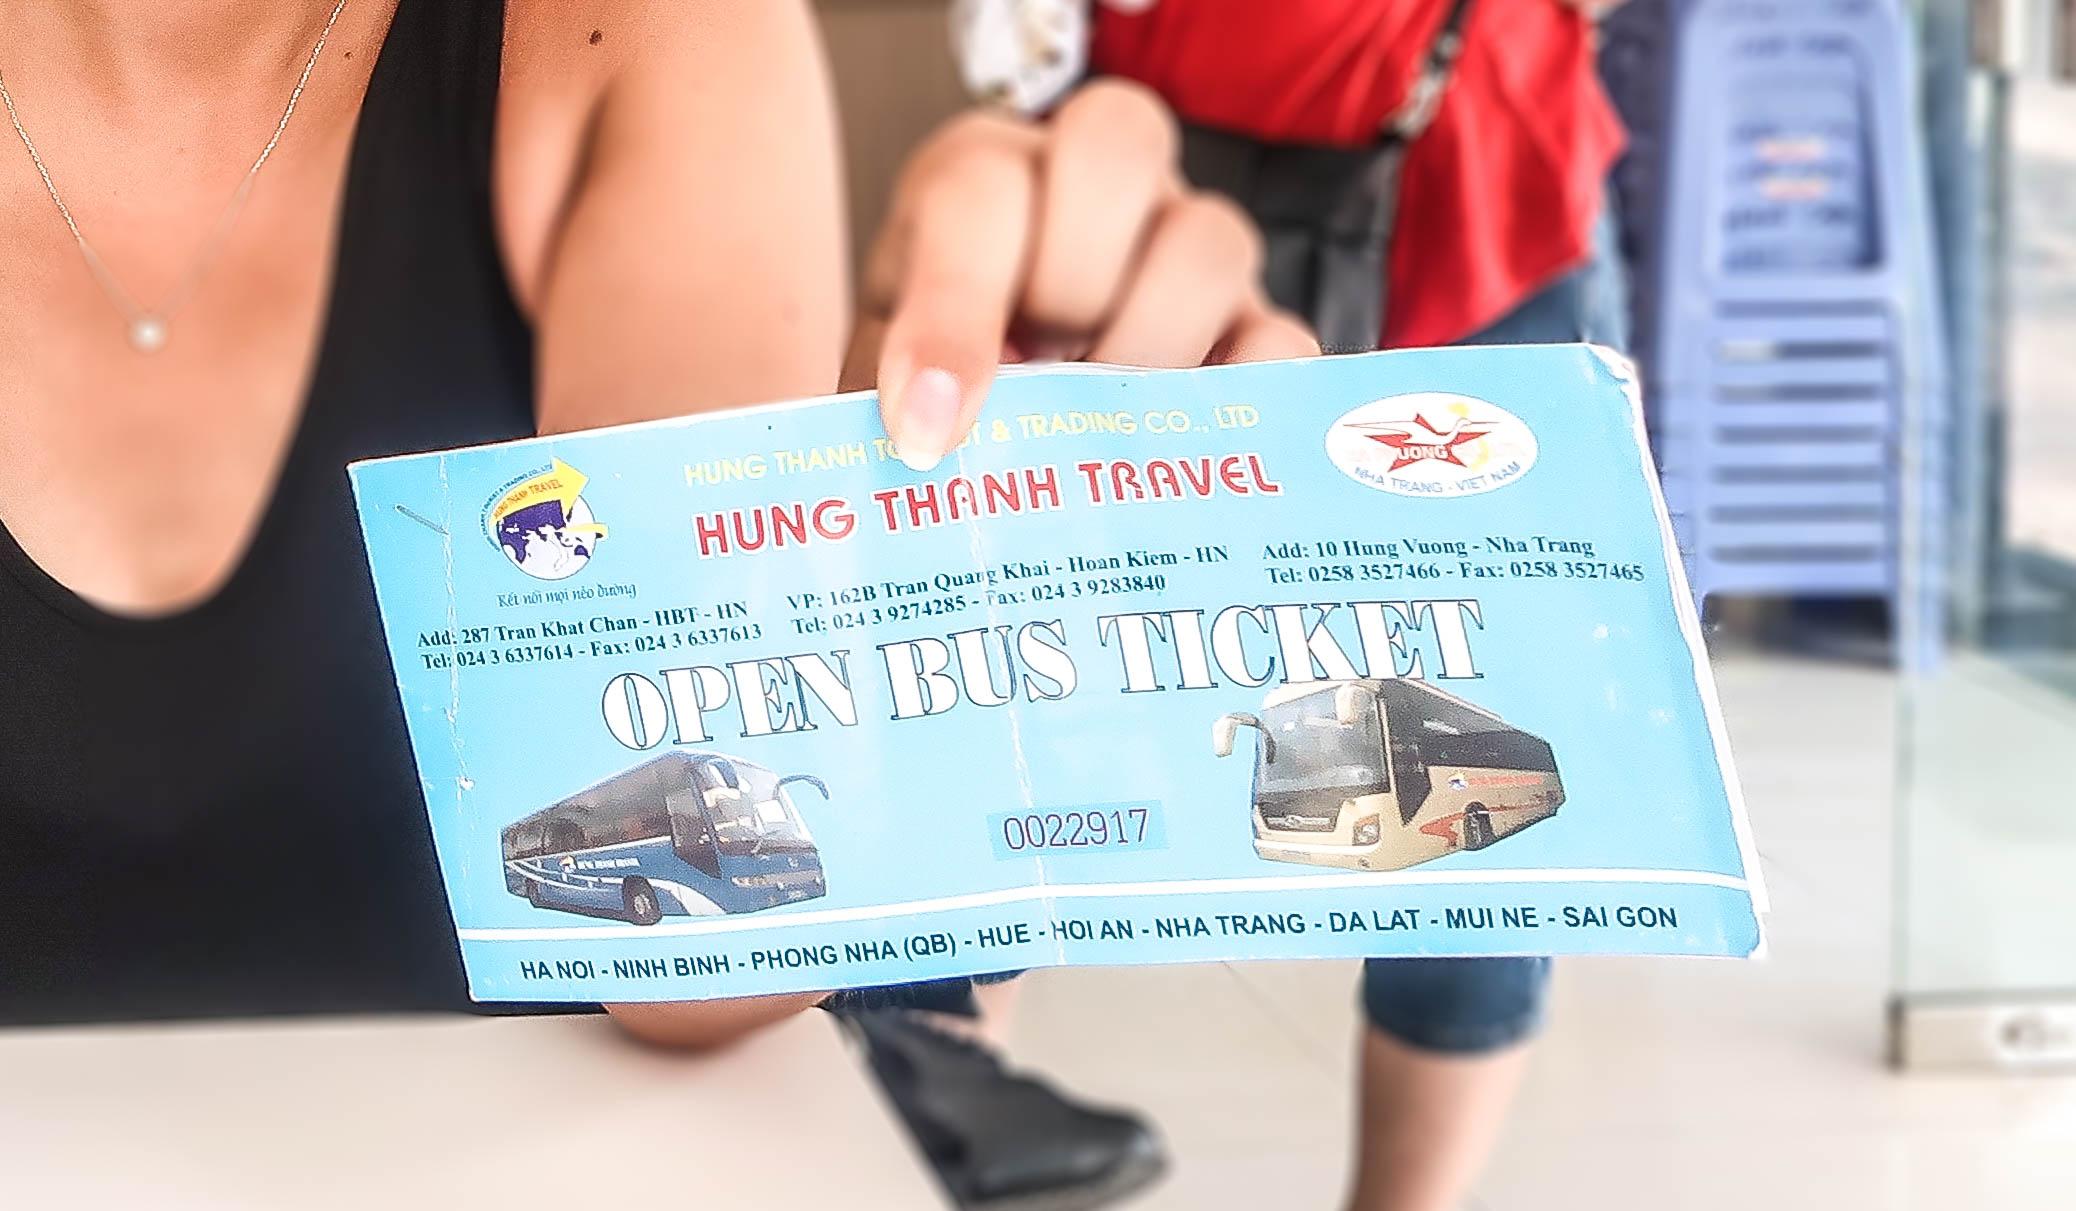 Open Bus Ticket in Vietnam